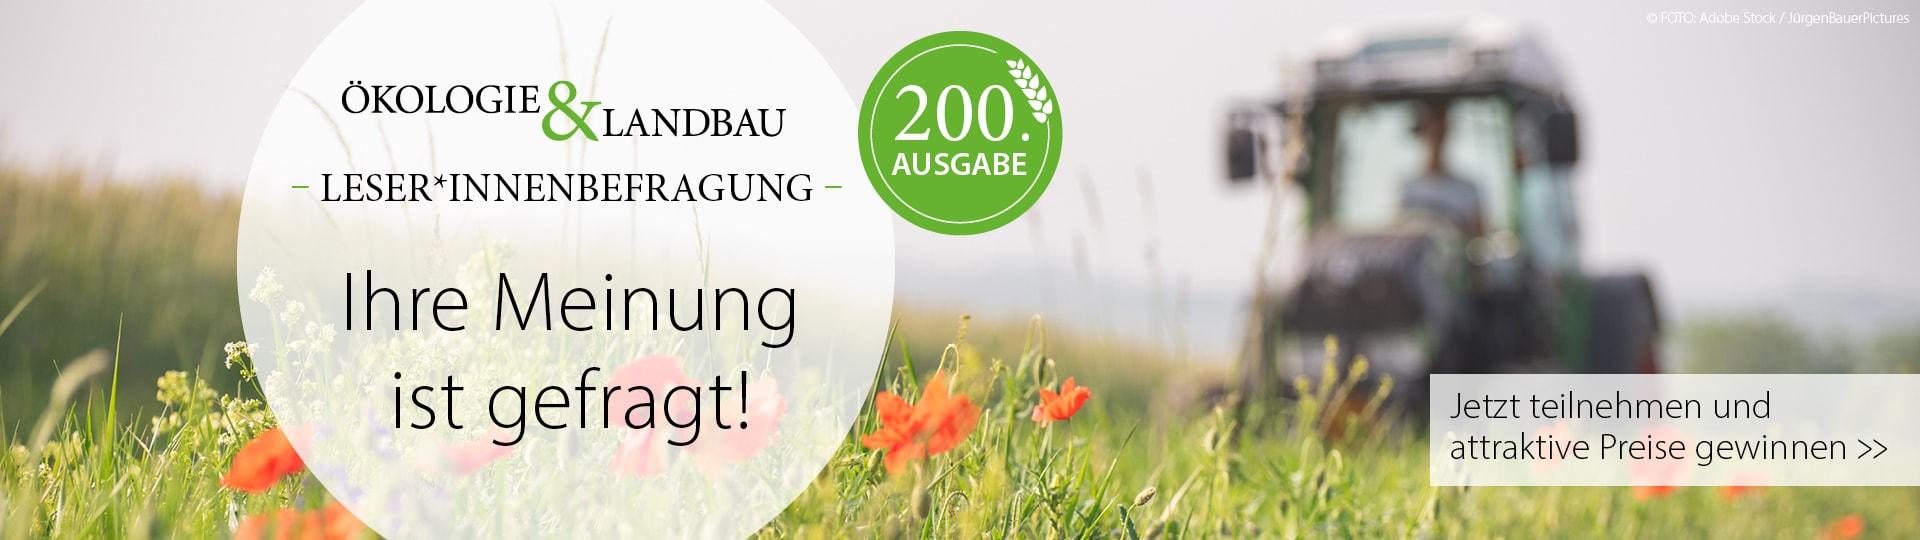 Nehmen Sie an der Leserbefragung der Ökologie & Landbau teil und gewinnen Sie attraktive Preise!